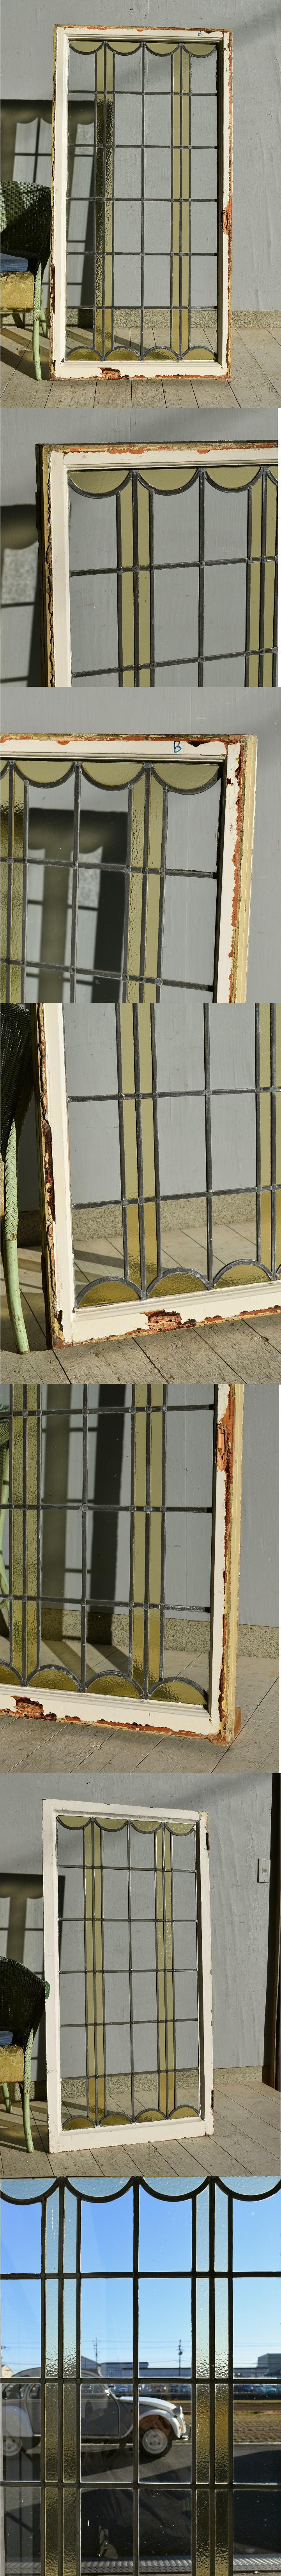 イギリス アンティーク ステンドグラス 窓 7583